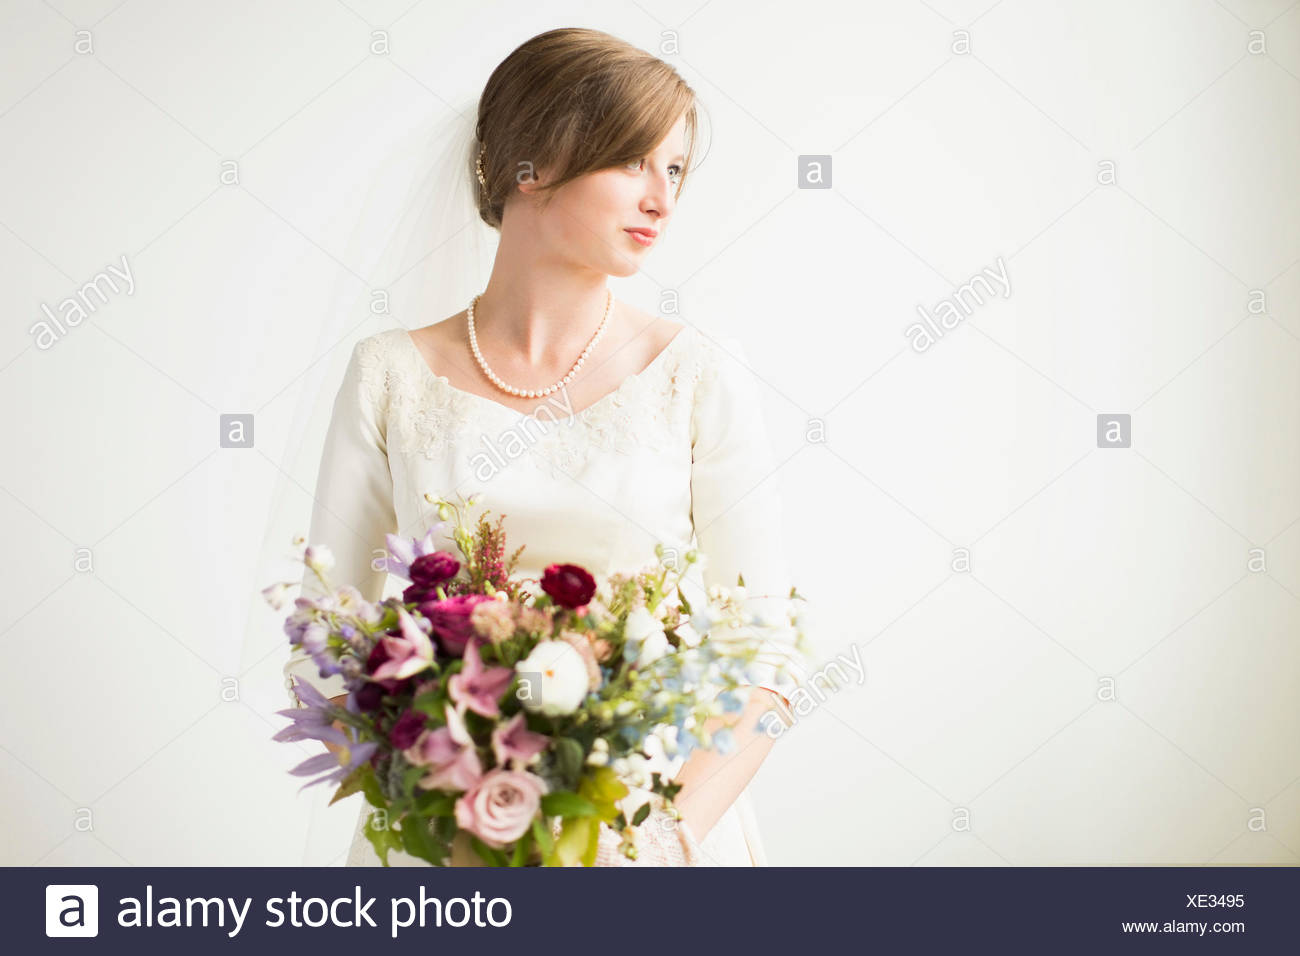 Porträt der Braut mit Brautstrauß Stockbild